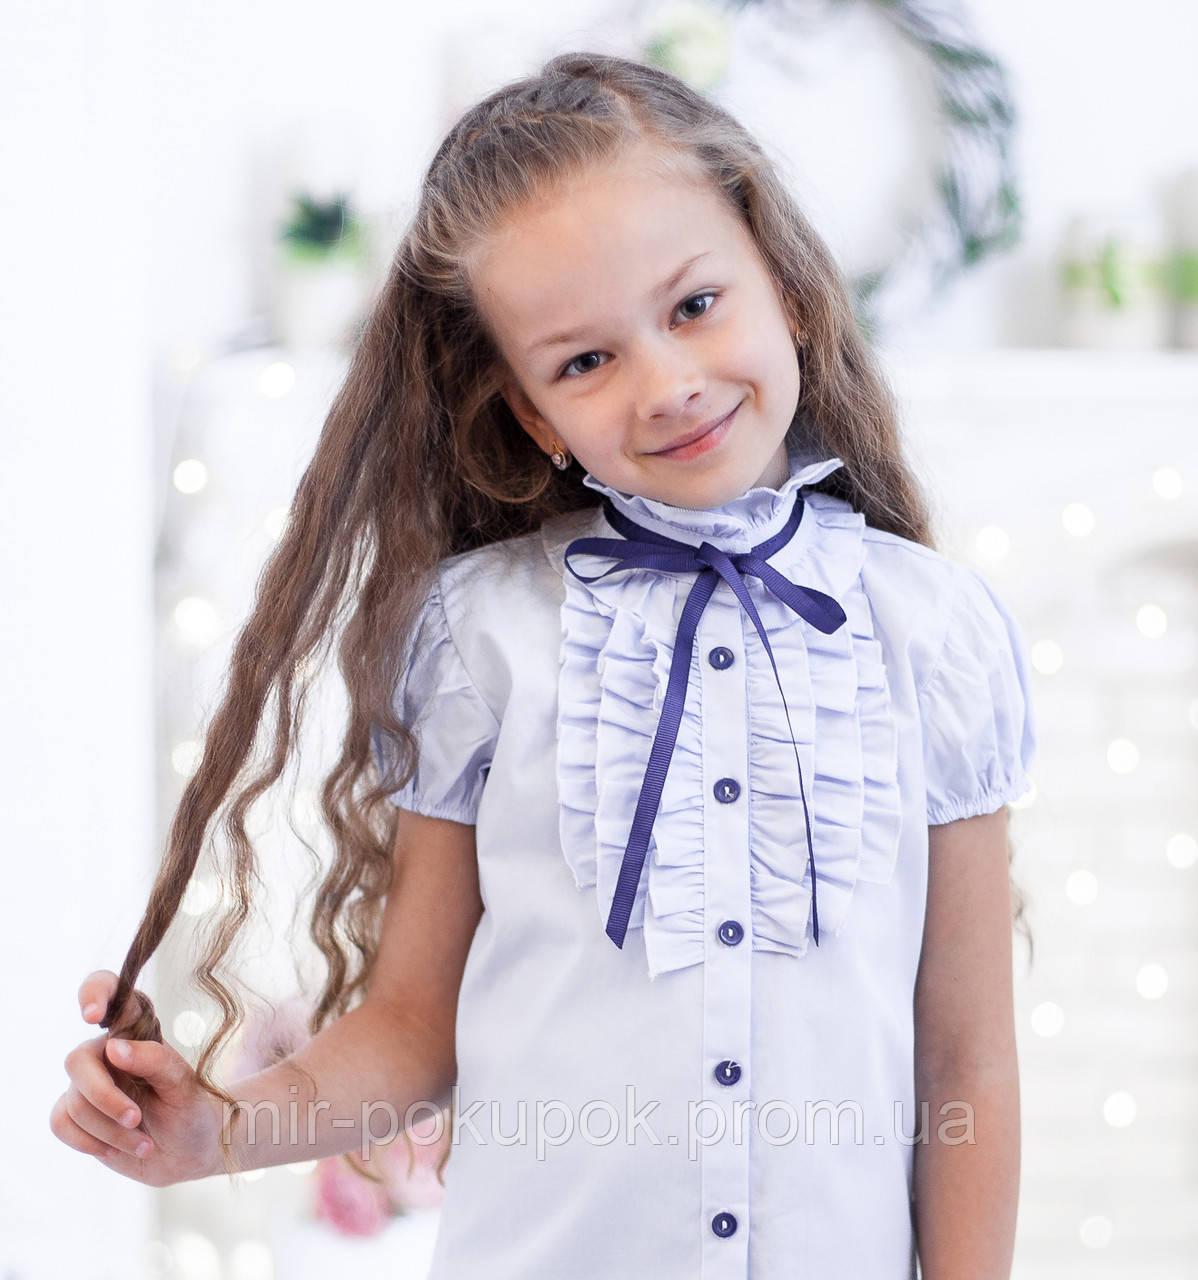 278312b08d7 Блузки в школу для девочек 2071к голубой